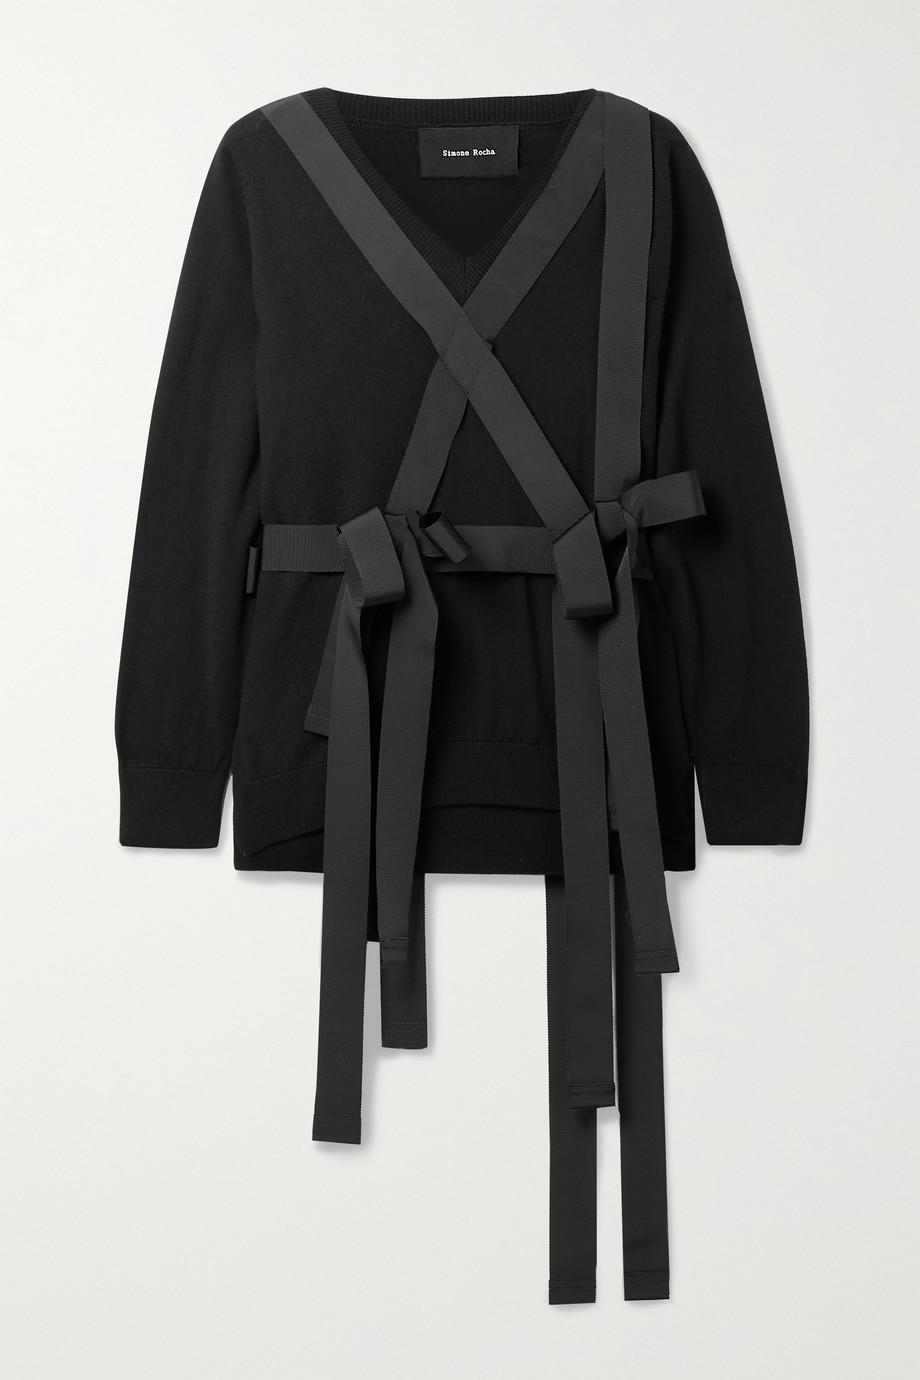 Simone Rocha Grosgrain-trimmed wool sweater